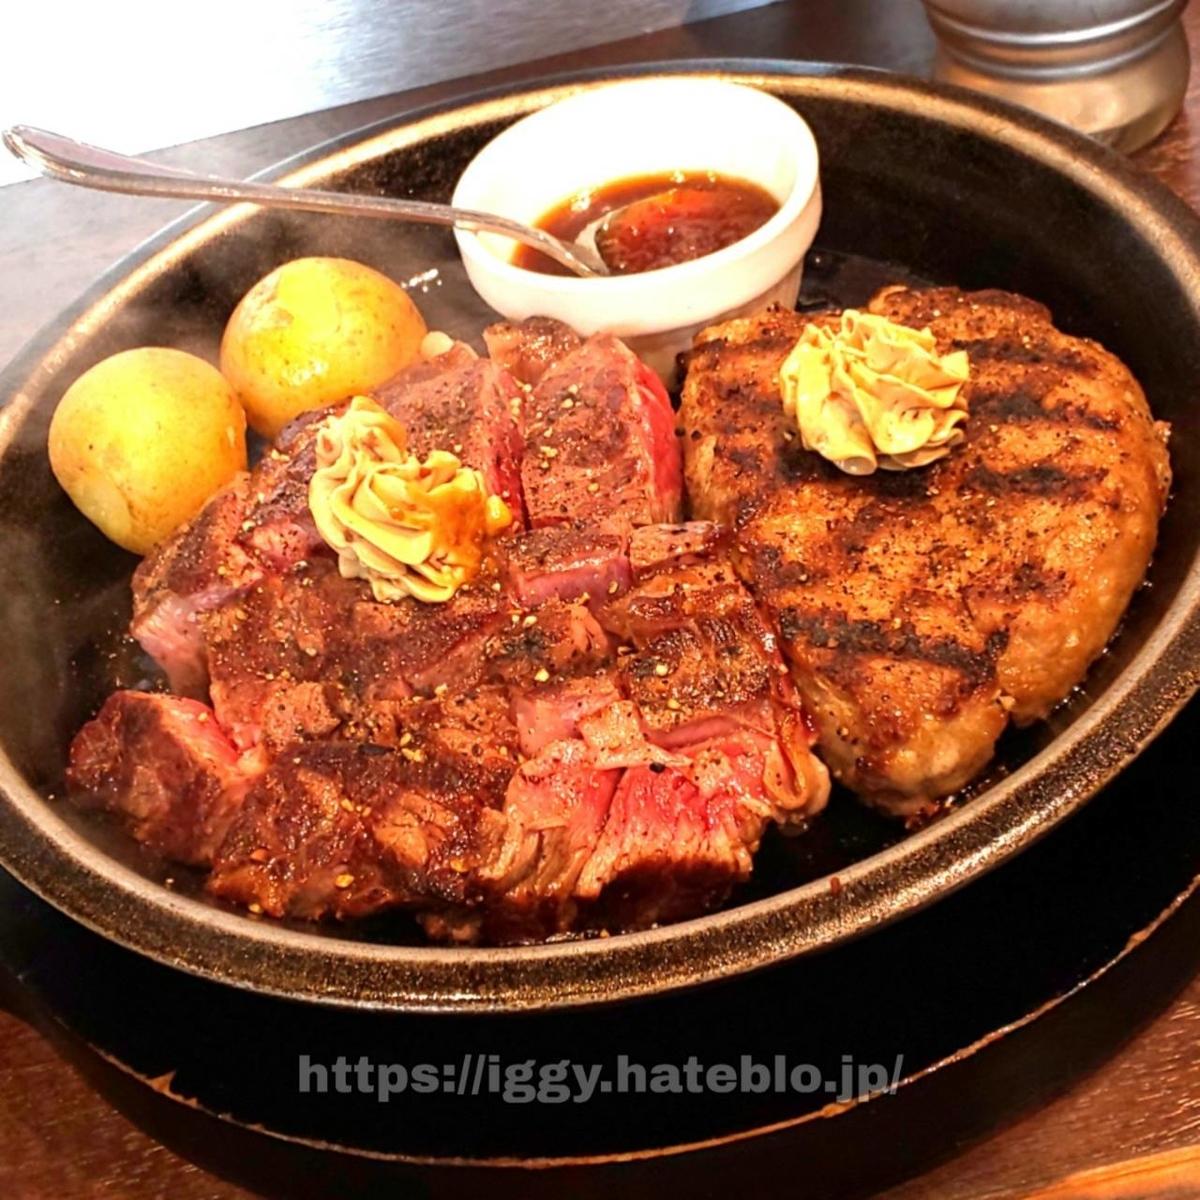 いきなりステーキ ステーキ&ハンバーグ iggy2019